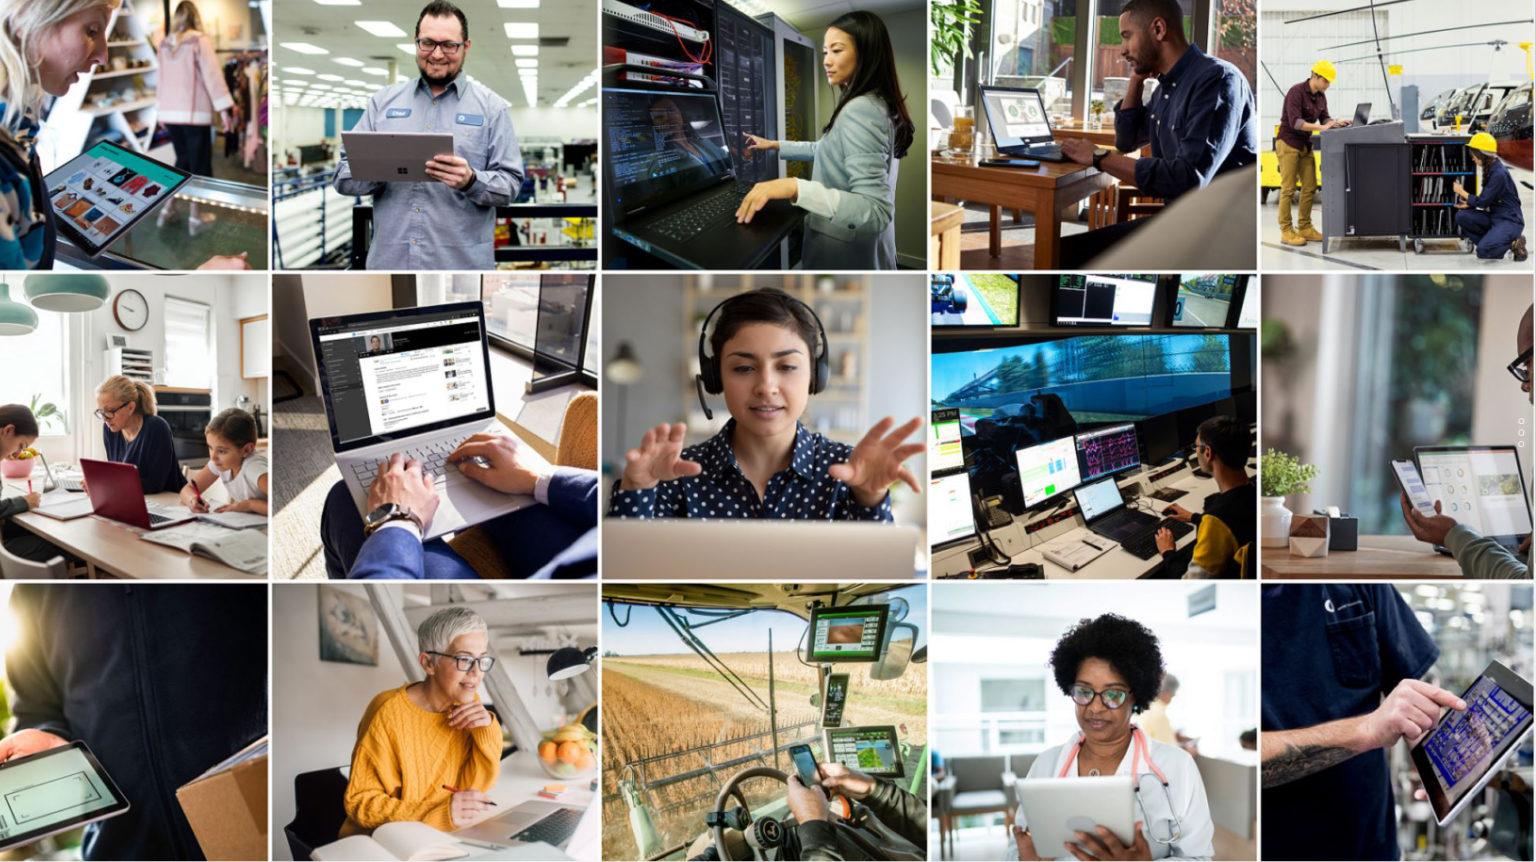 Coronavirus, Microsoft vuole istruire 25 milioni di persone al digitale